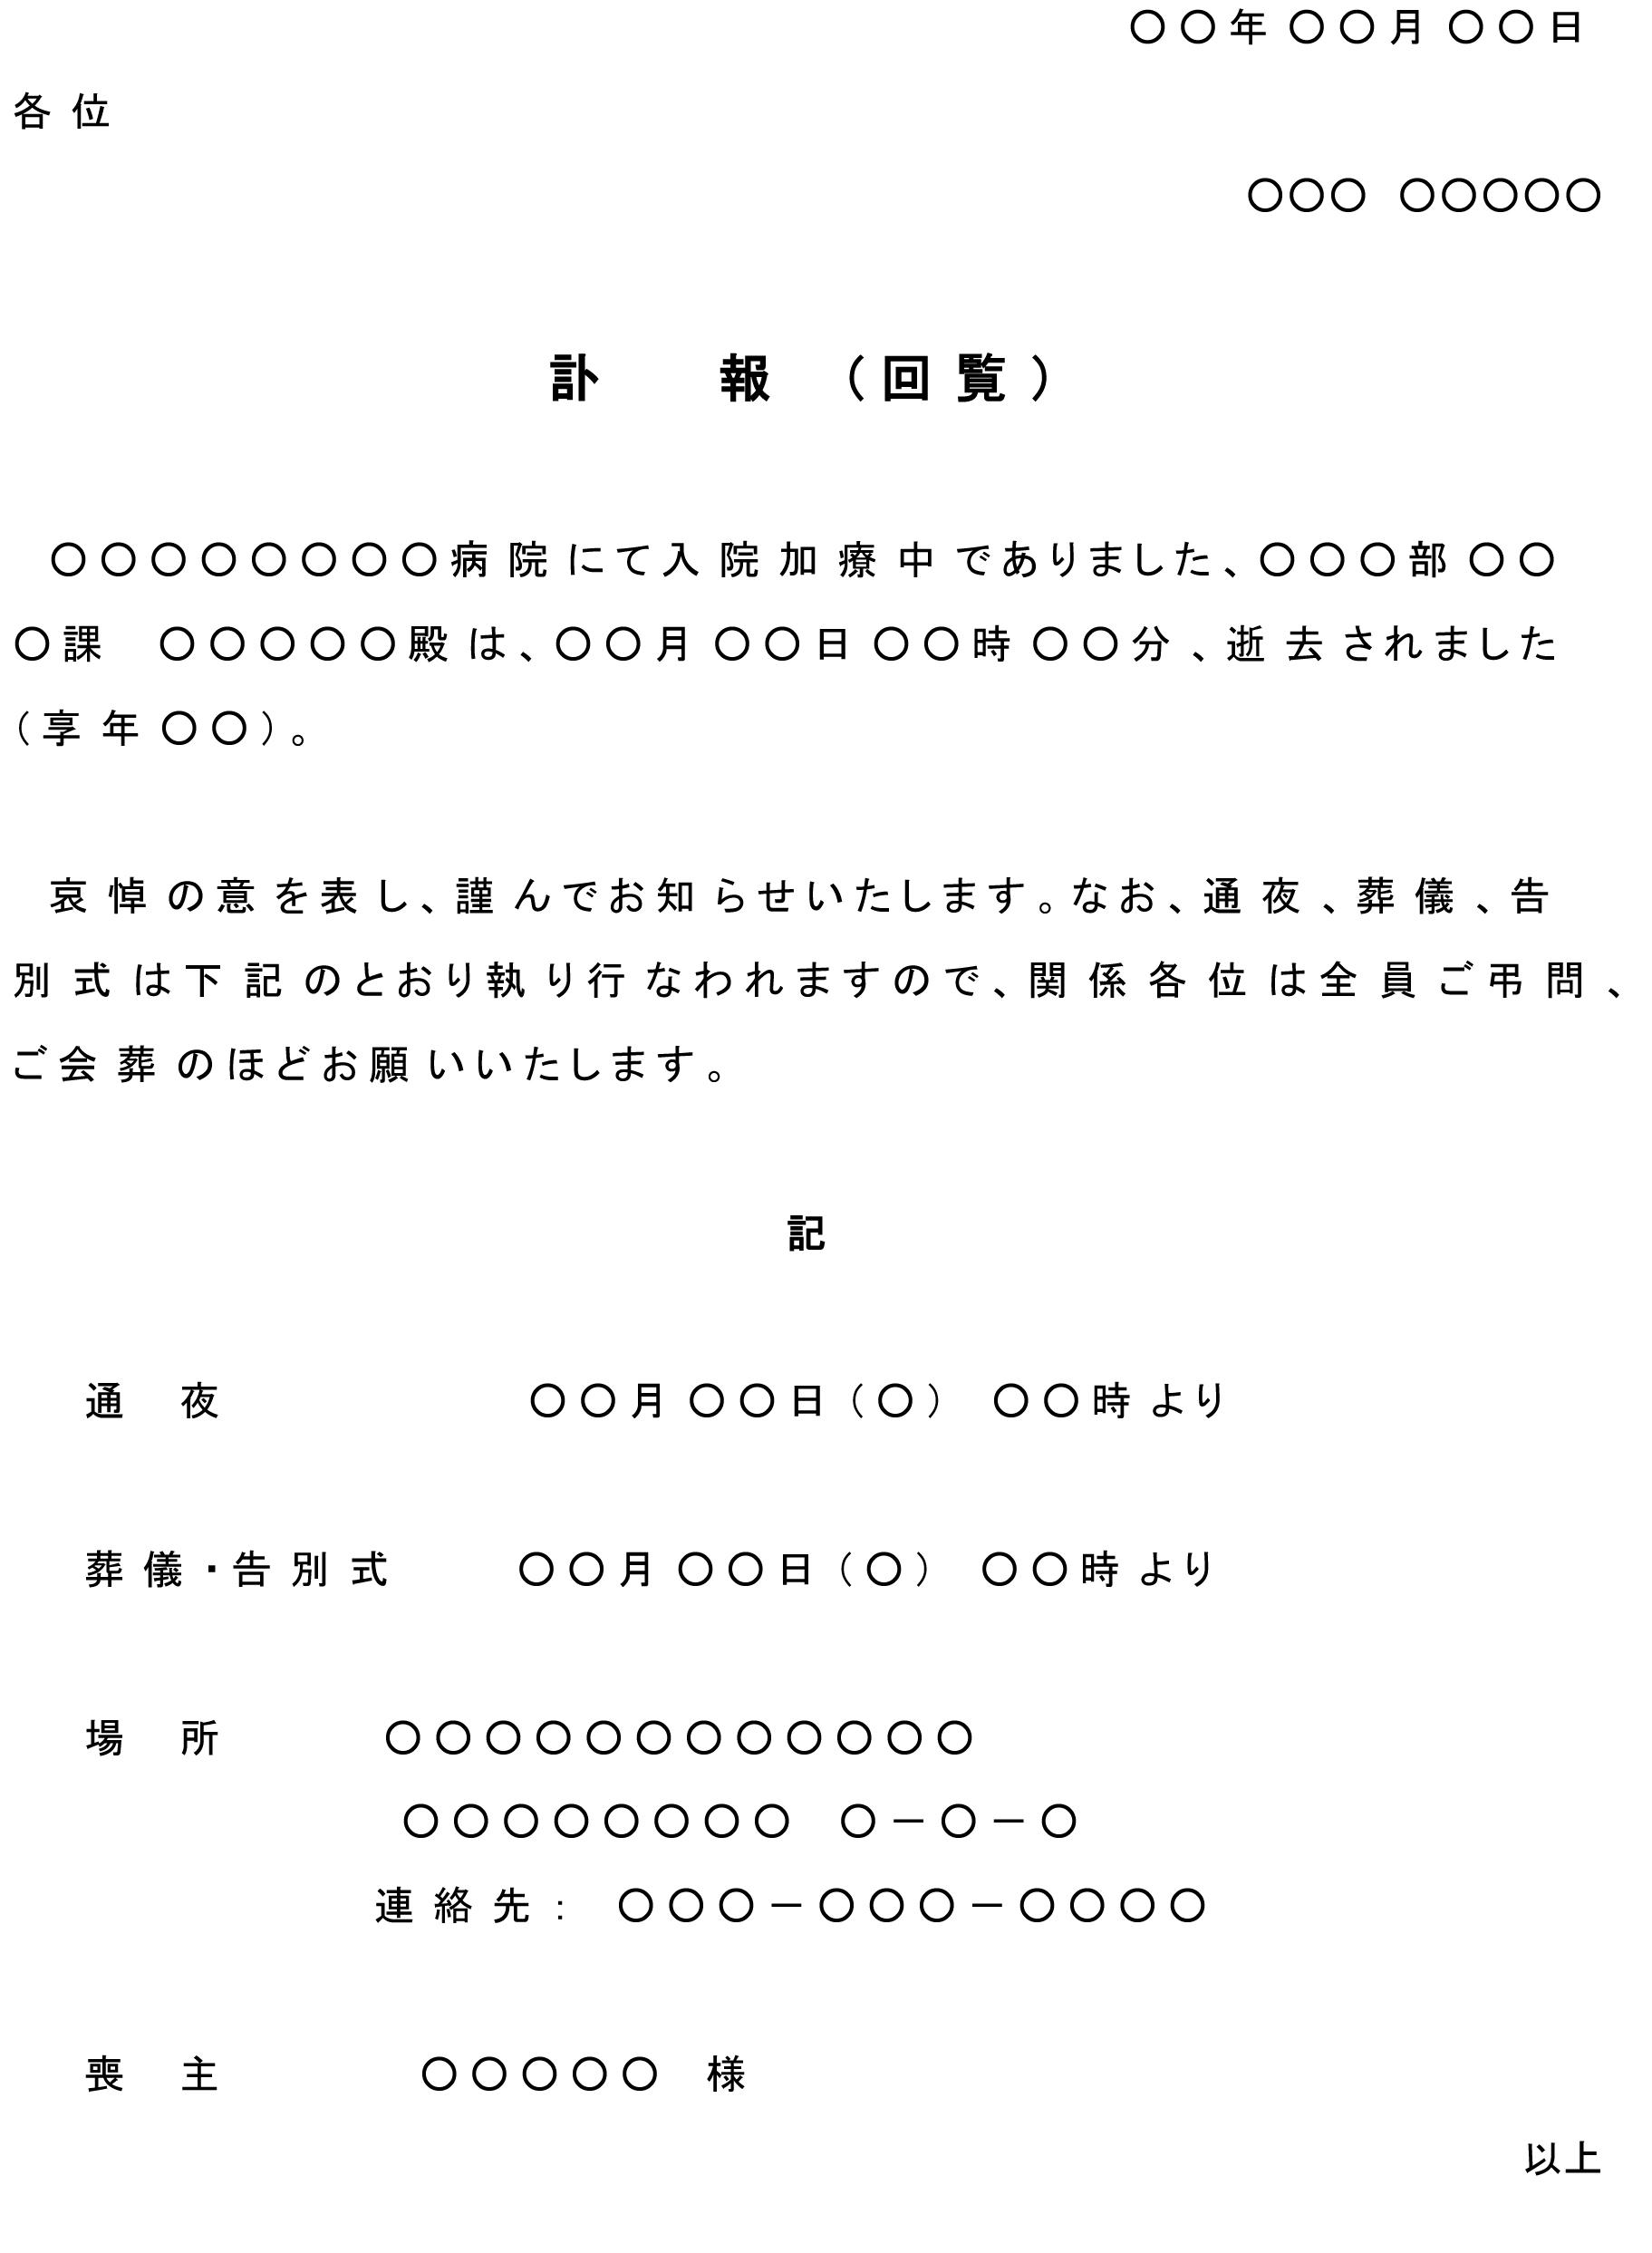 訃報(回覧)01